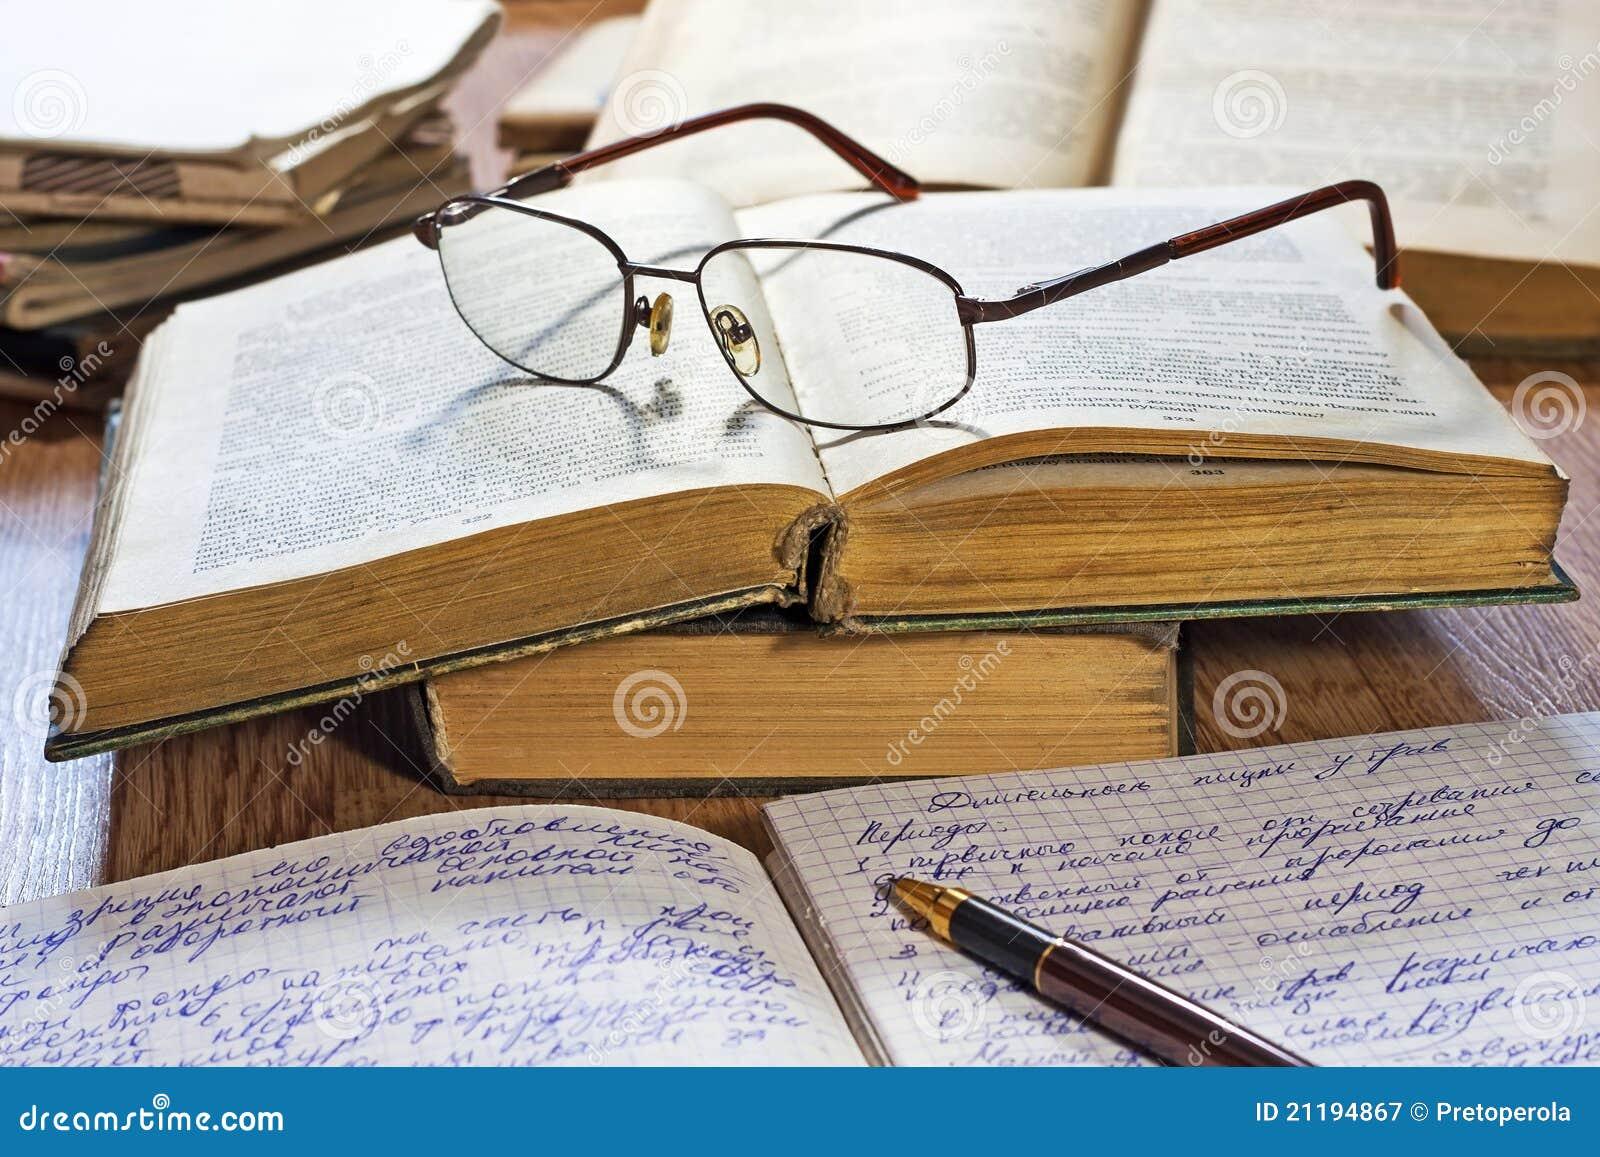 Importancia del libro caderno-pena-livros-